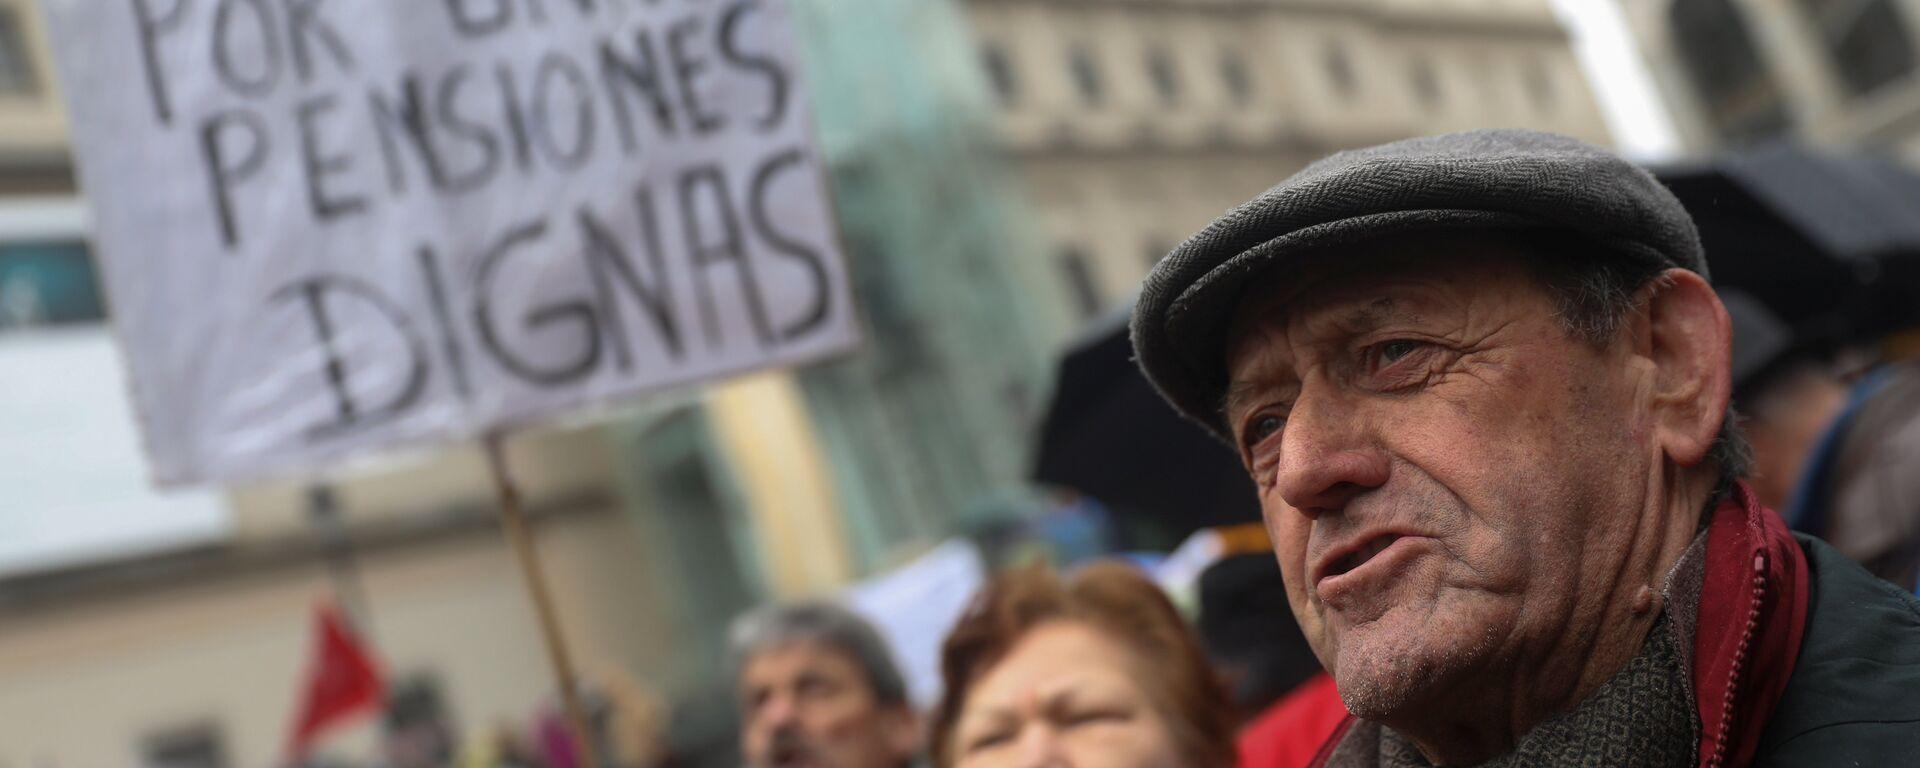 Manifestación de jubilados en España - Sputnik Mundo, 1920, 13.04.2021